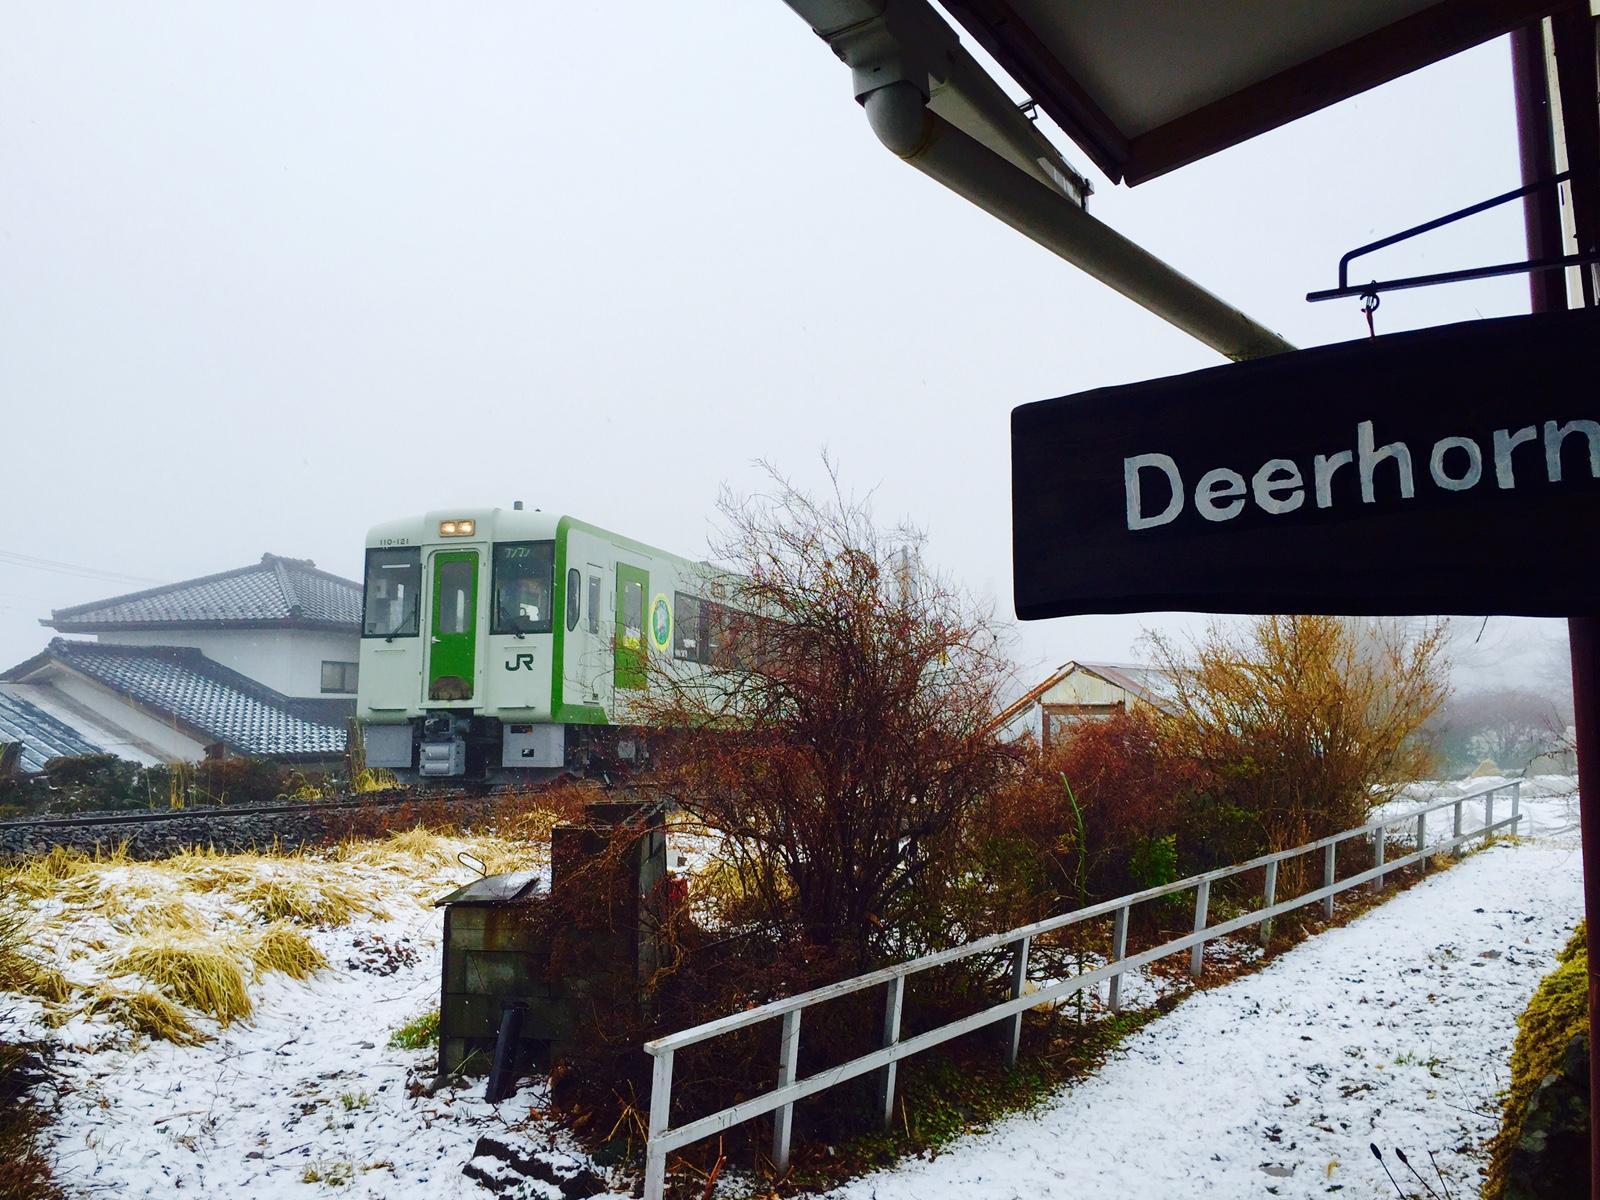 Guest House Deerhorn, Hokuto